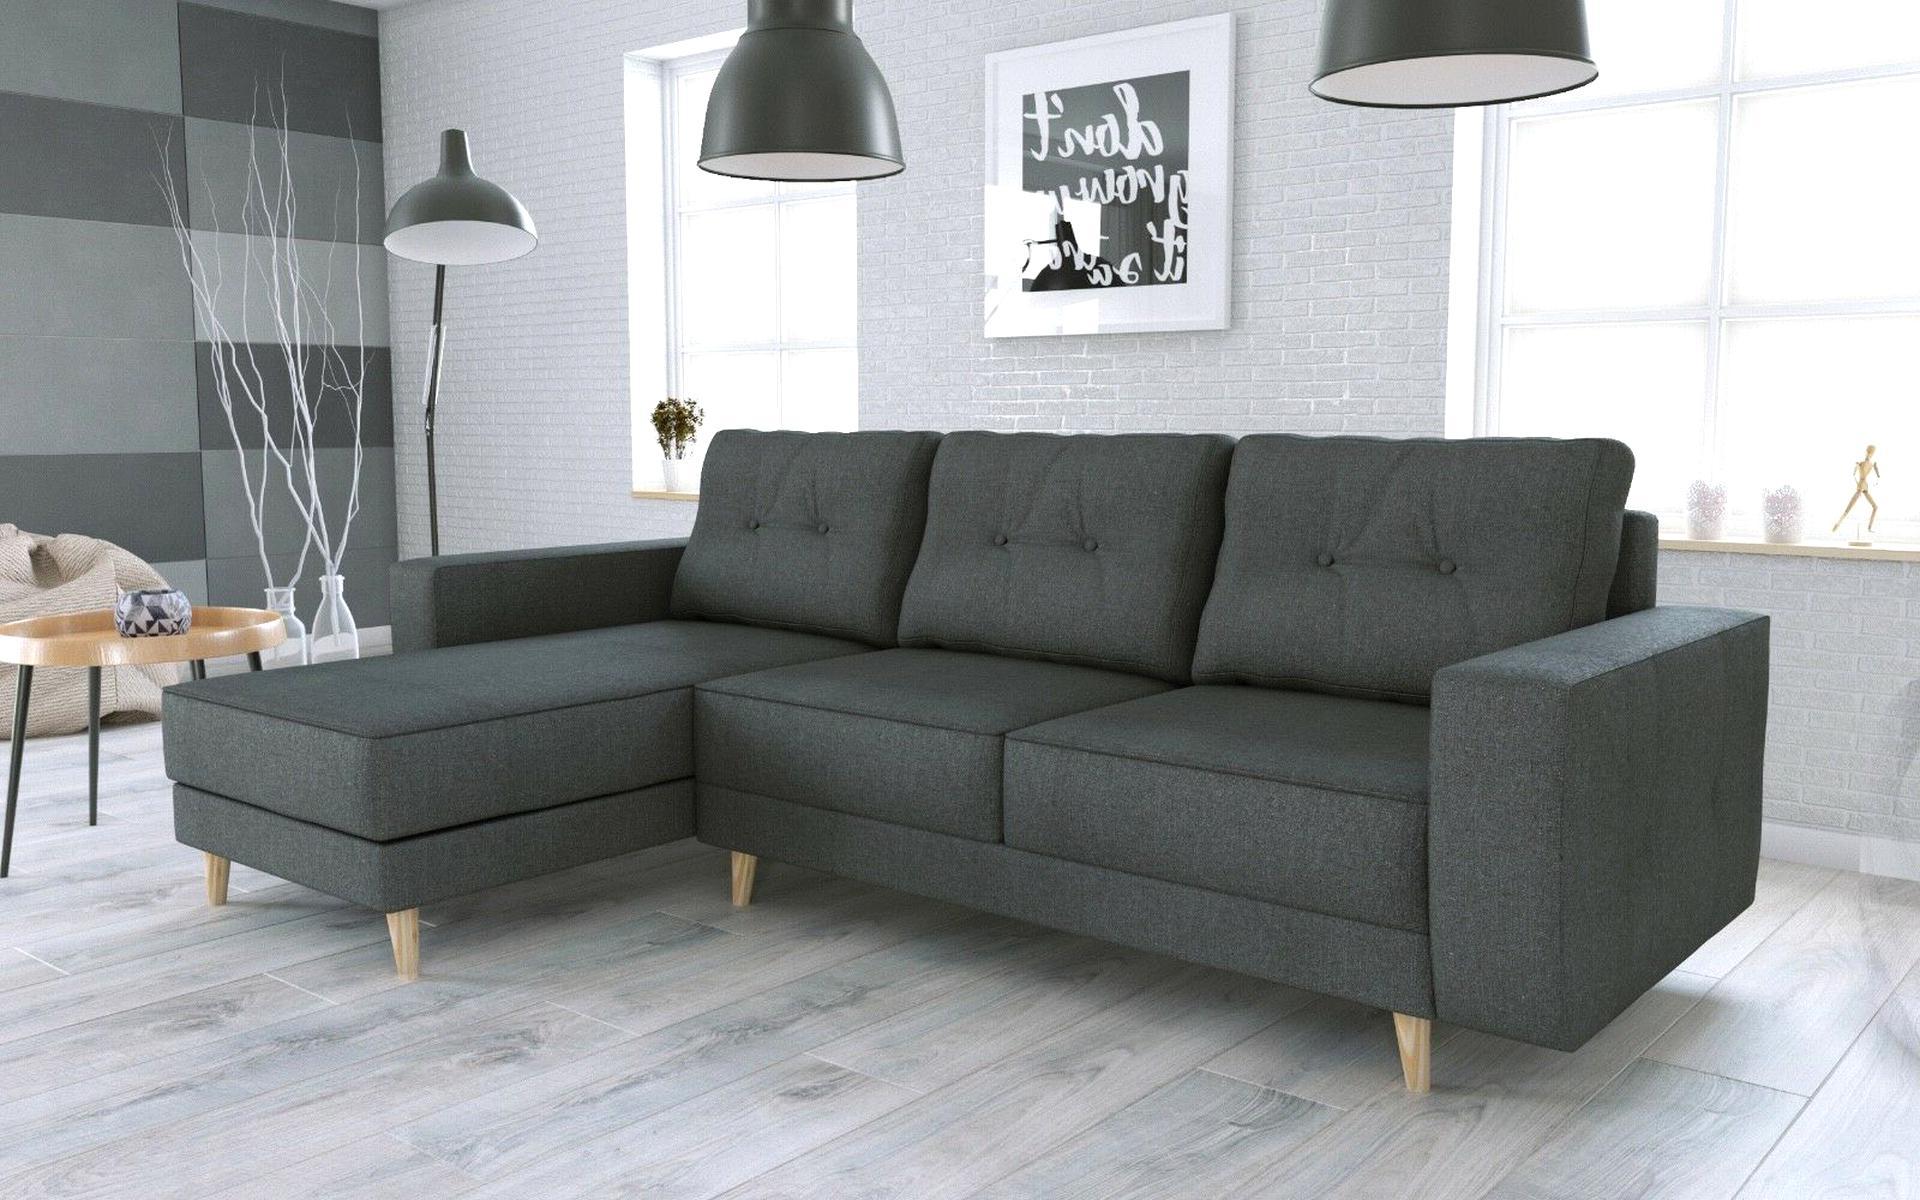 Full Size of Sofa Garnitur Garnituren Hersteller 3 Teilig Leder Billiger Sofa Garnitur 3/2/1 Eiche Massivholz Couch Ikea Gebraucht 3 2 1 Couchgarnitur Kaufen 2 Poco Moderne Sofa Sofa Garnitur